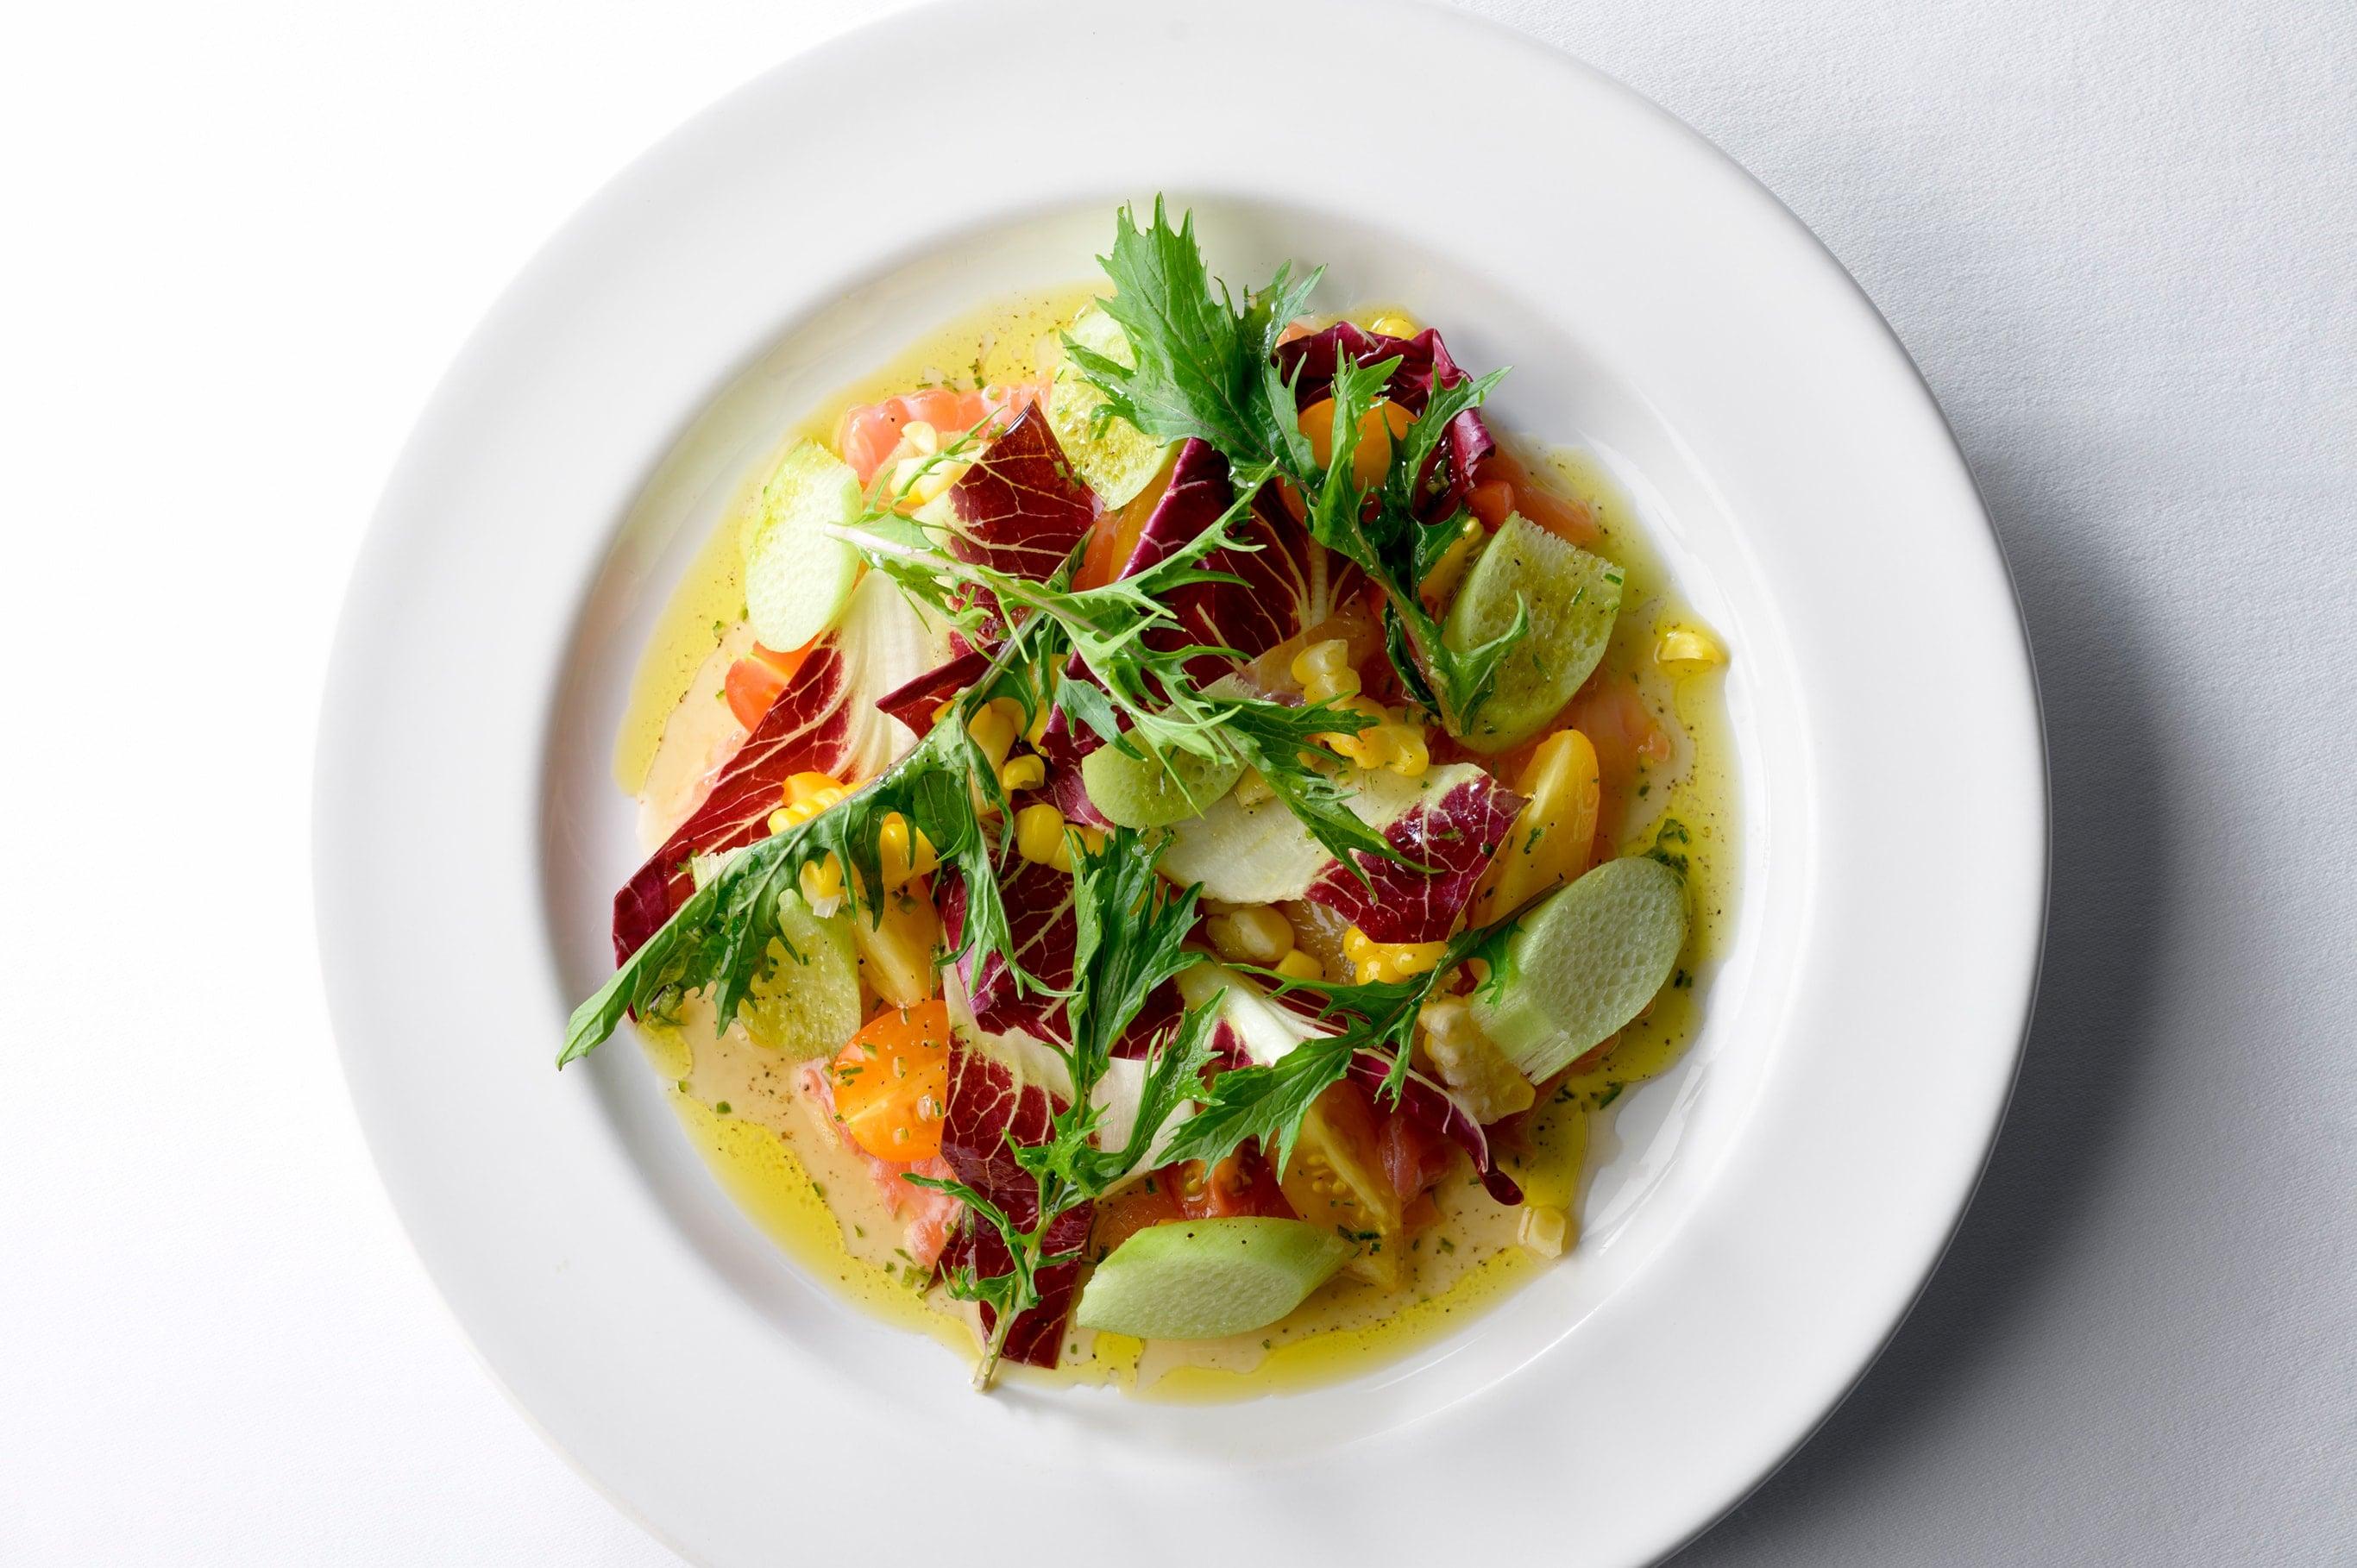 香りも旨みも濃い野菜をふんだんに使ったサーモンのサラダ。